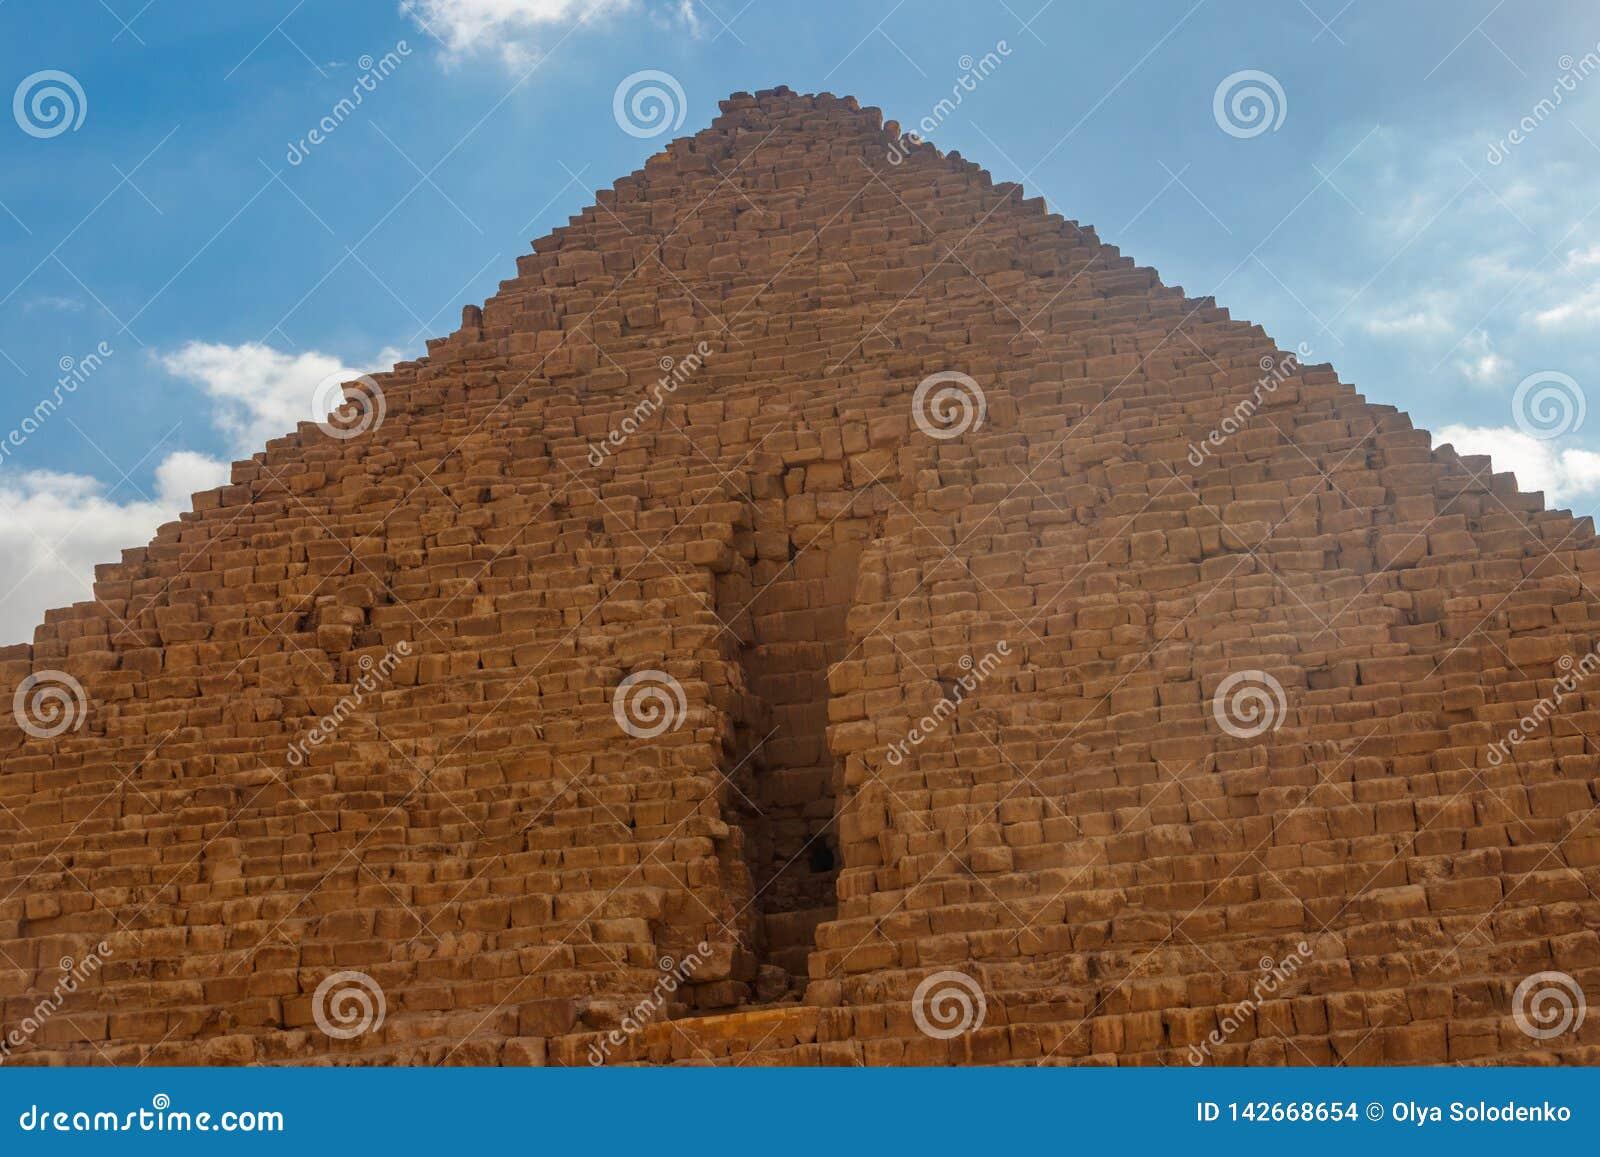 Μεγάλη πυραμίδα Giza γνωστού επίσης ως πυραμίδα Khufu ή πυραμίδα Cheops